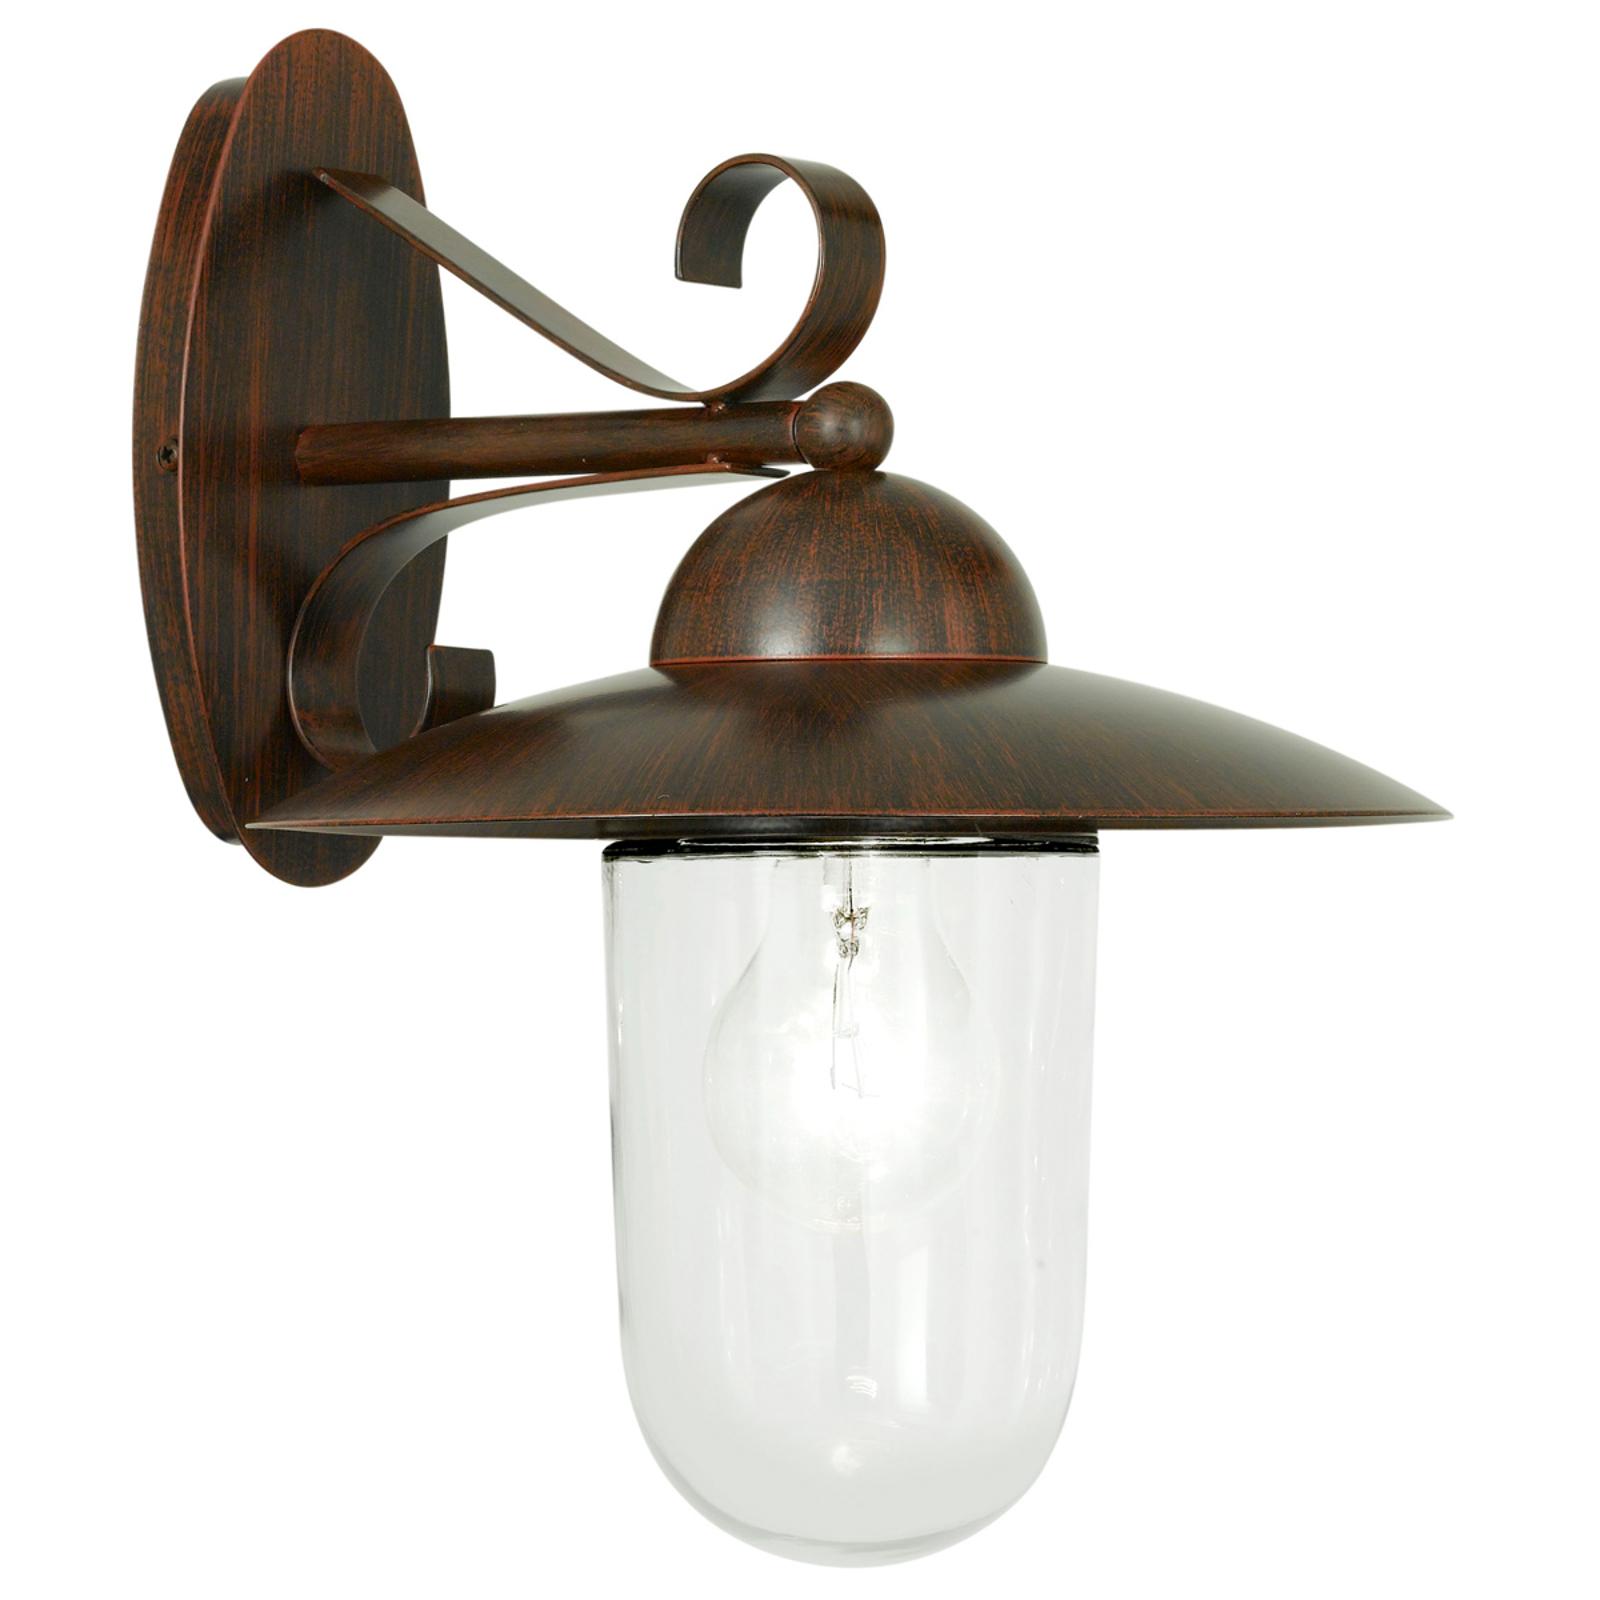 MILTON I udendørs væglampe i antik-brun